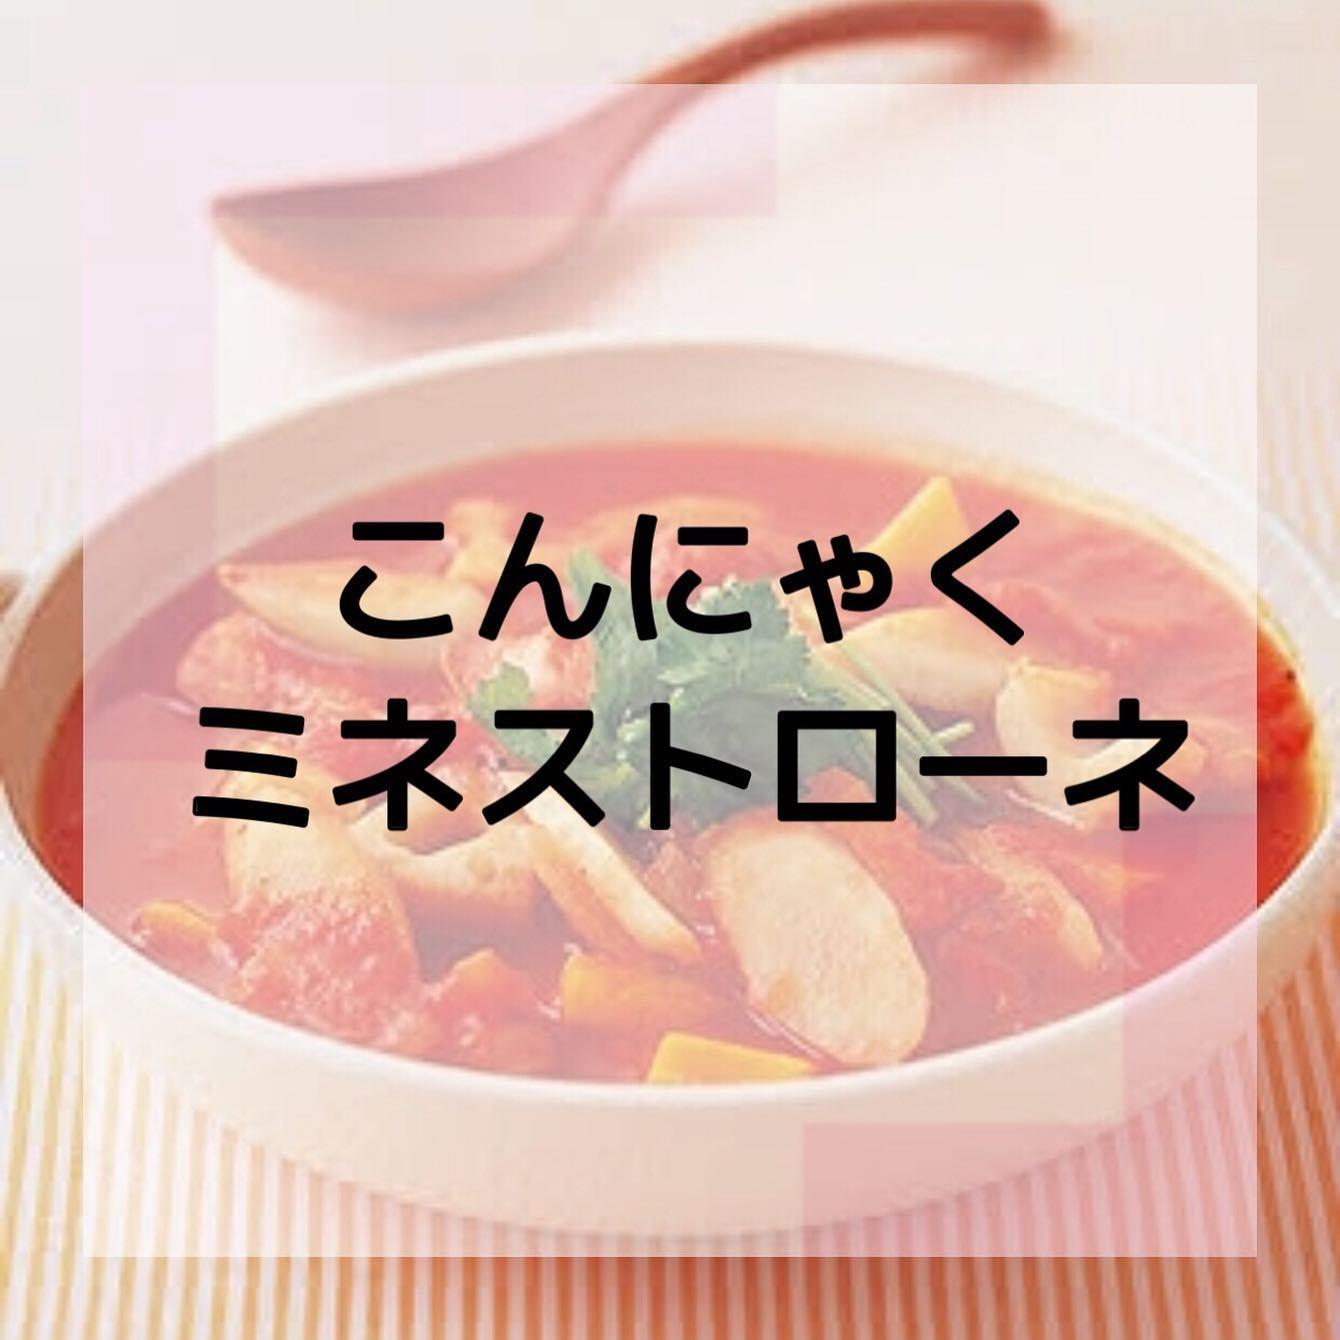 お腹に良いこんにゃくミネストローネです。   トマトに活性酸素の抑制する効果が見られています。   ️リコピン 体の酸化を抑え、老化の予防   ️クエン酸 疲労回復  良かったら試してみてください️   #ハイパーナイフ #ハイパーナイフ直営店 #東京ハイパー女子 #エスグラ #ダイエット #夏バテ